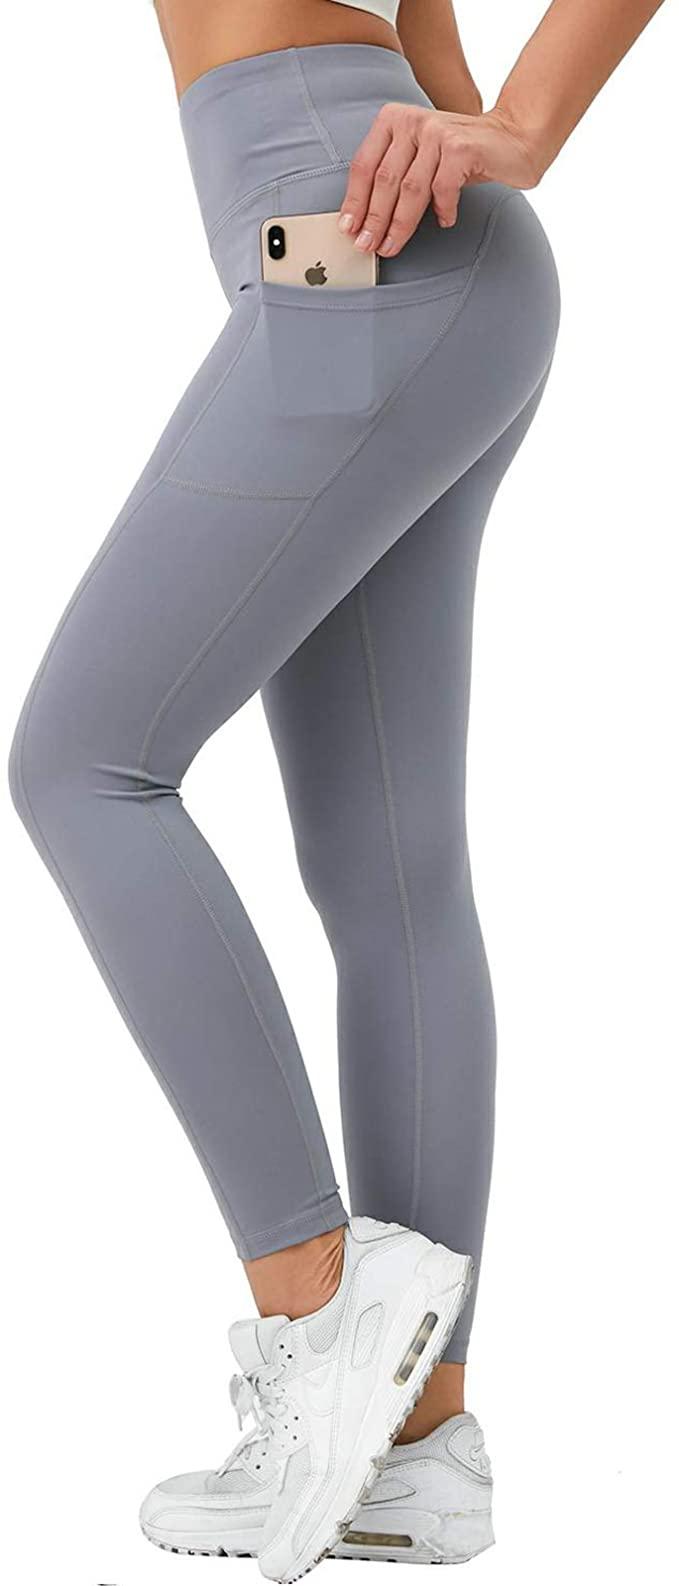 Liangxing Women Yoga Shorts Side Pockets - WF Shopping